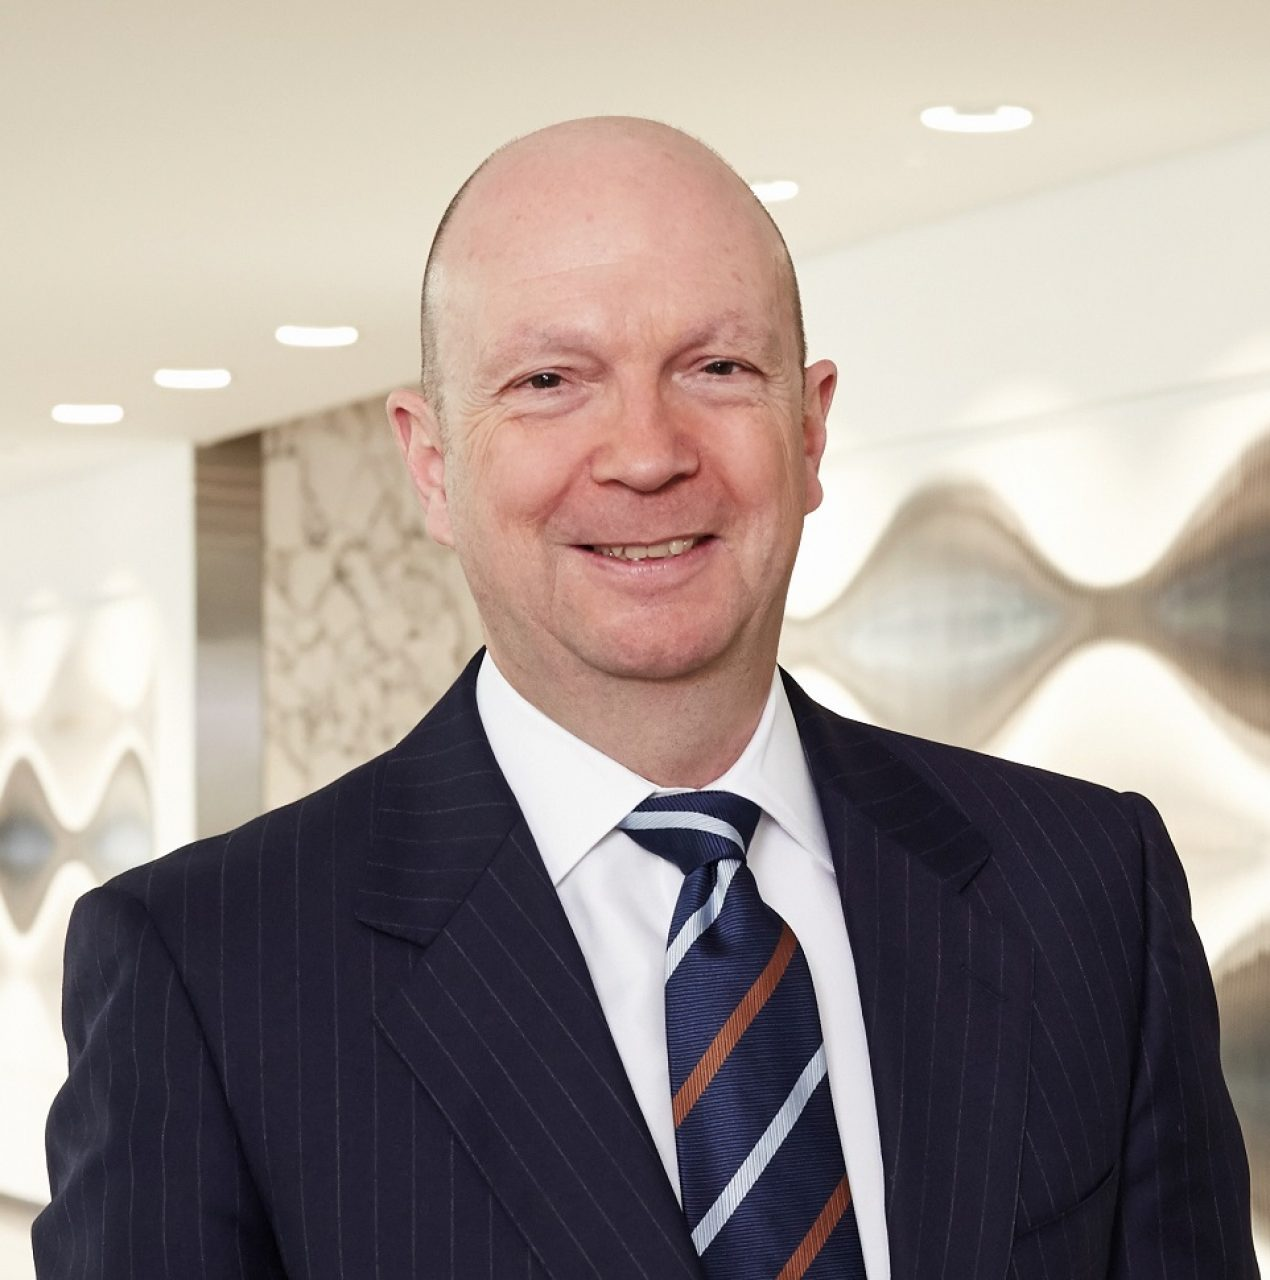 Gordon Cairns